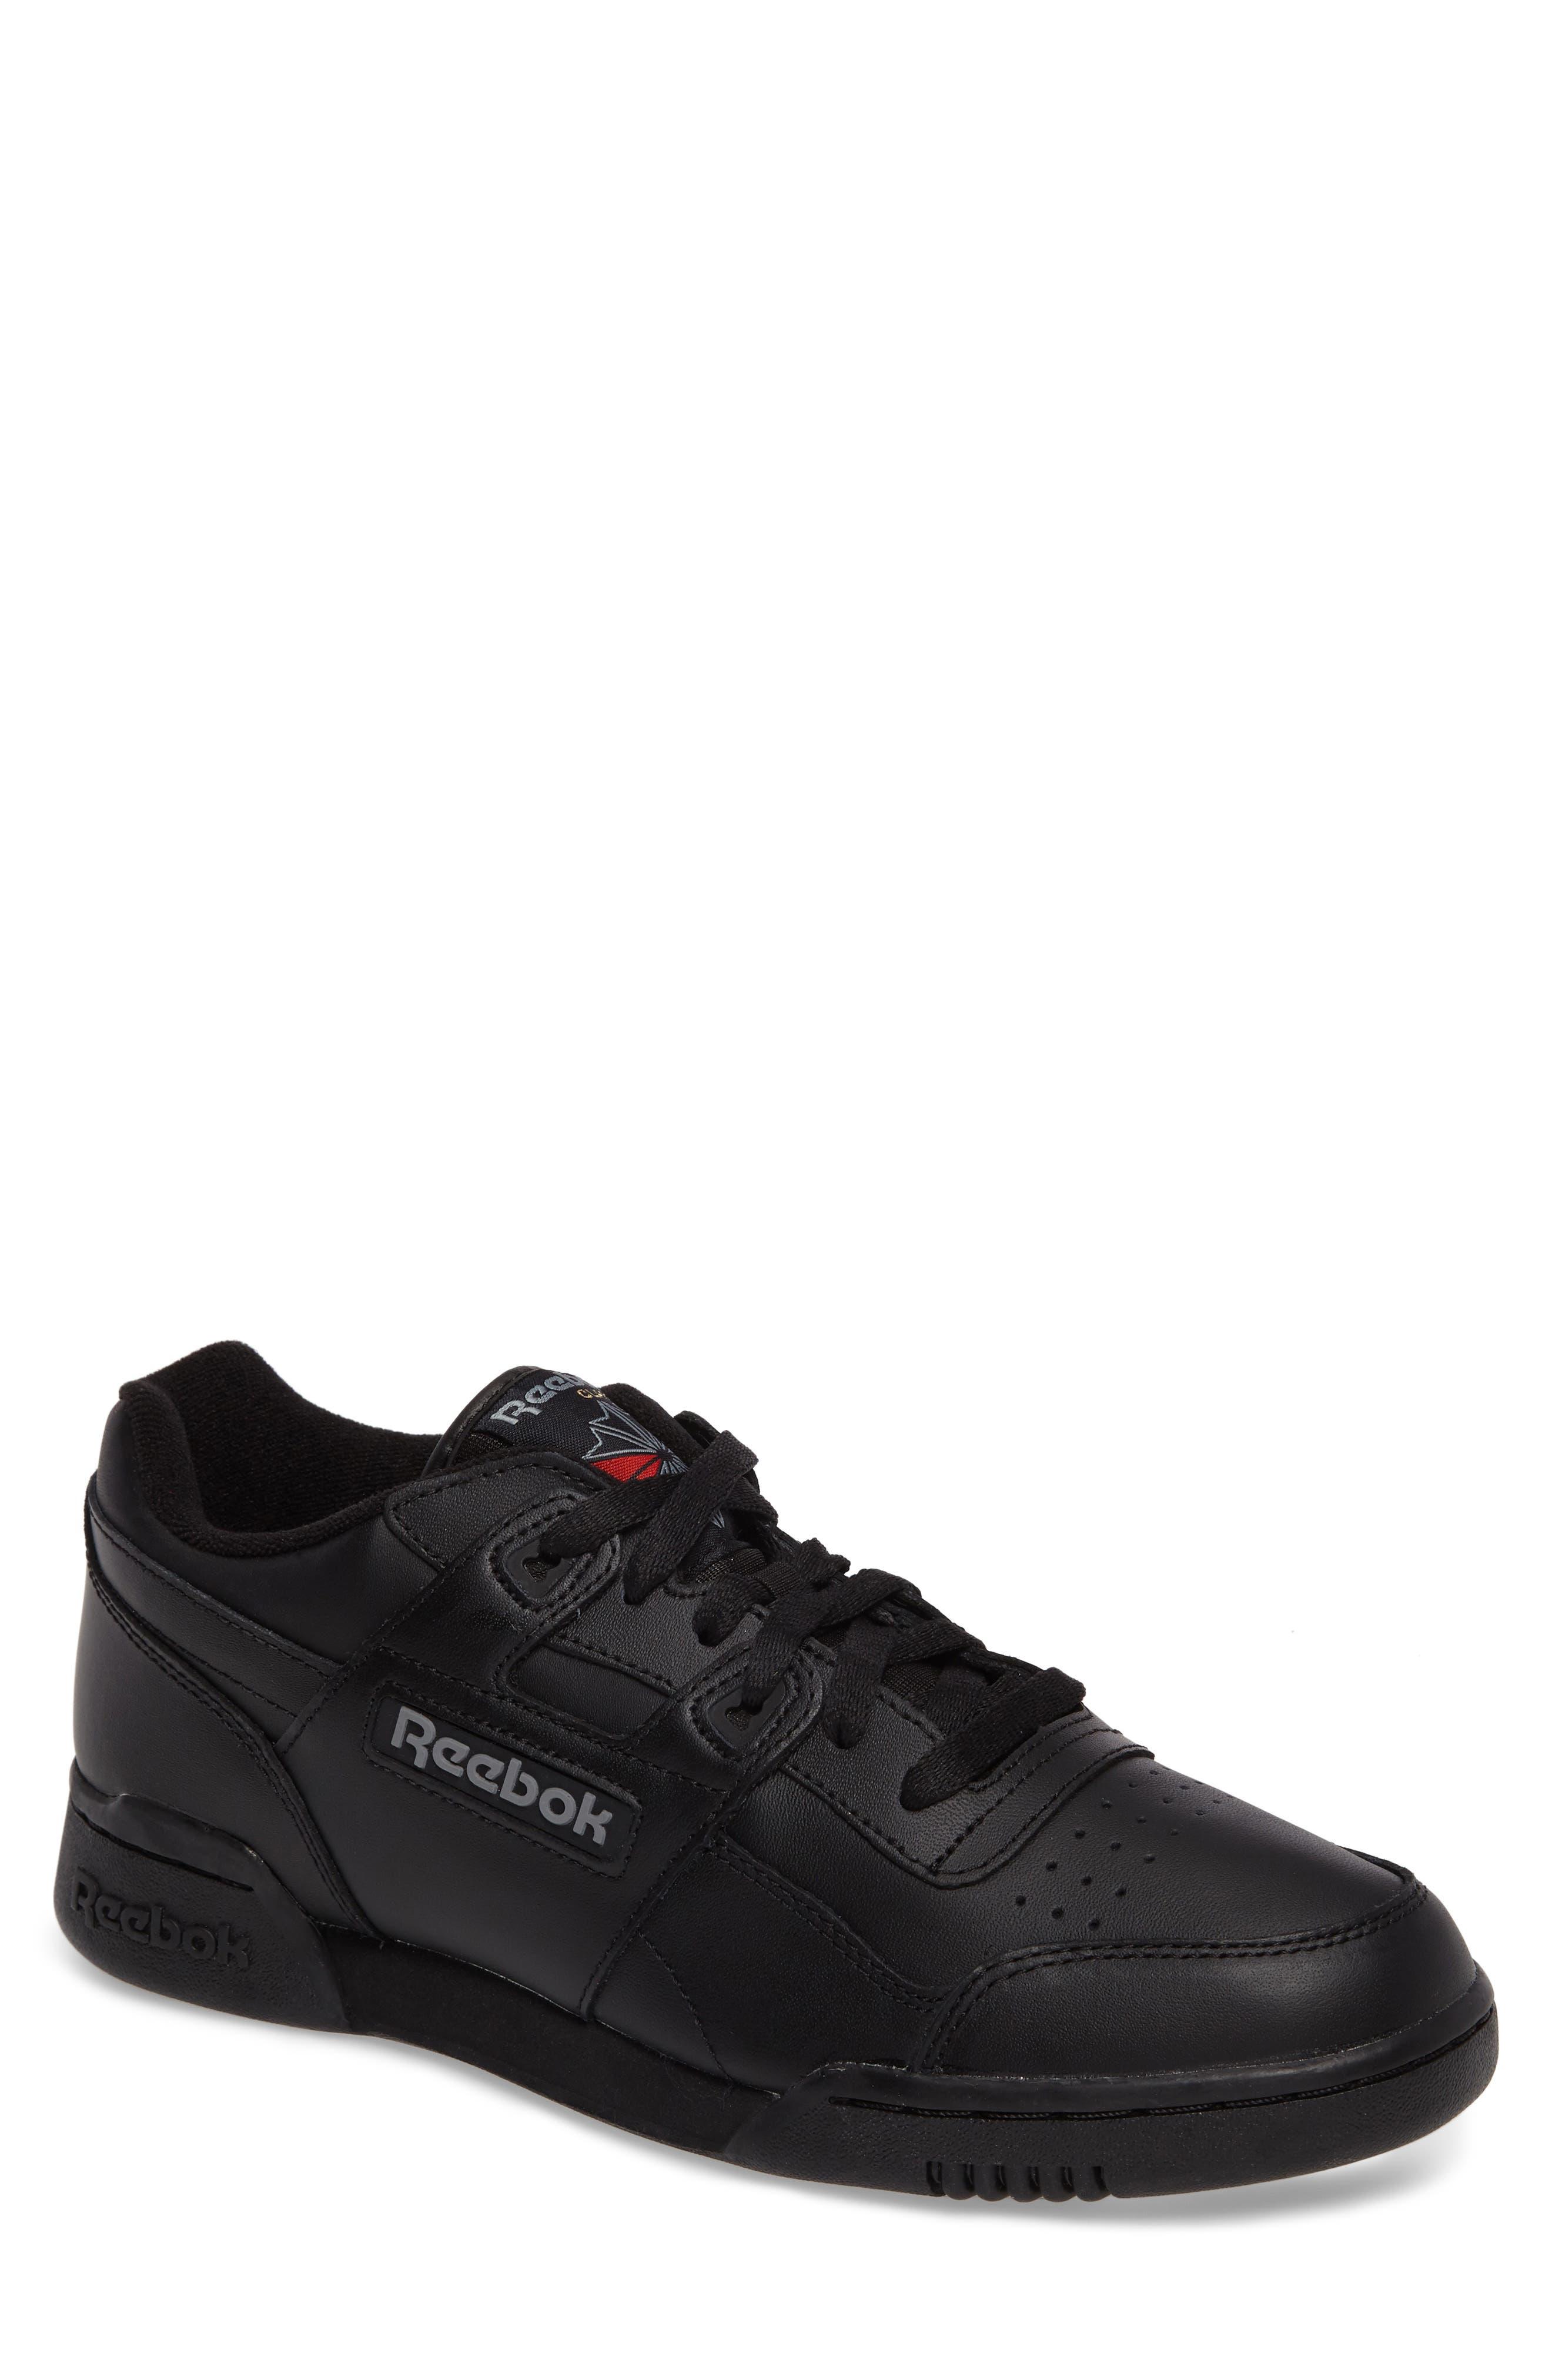 Reebok Workout Plus Sneaker (Men)